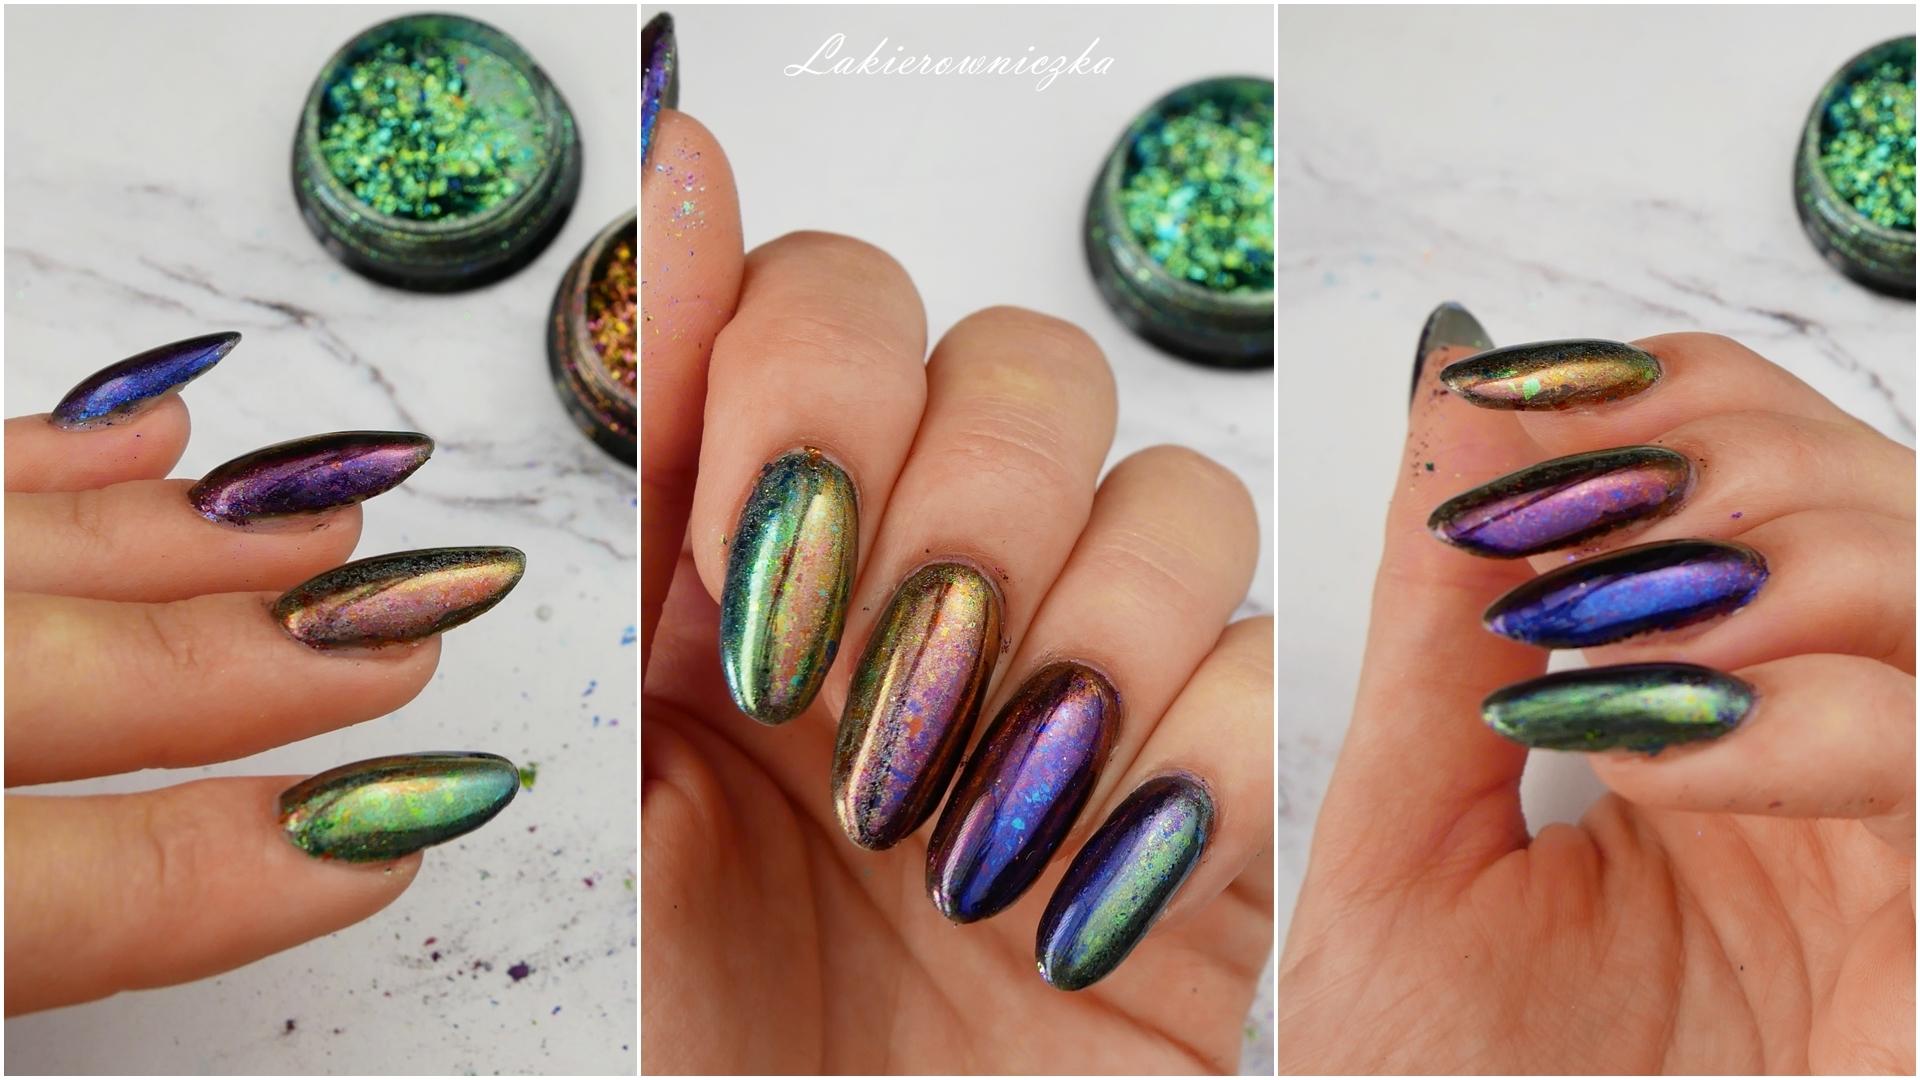 cieniowanie-pylkami-ombre-paznokcie-gradient-Victoria-vynn-Lakierowniczka-33-green-meadow-36-aubergine-40-goldflix-mix-duochrom-efekt-lustra-szkla